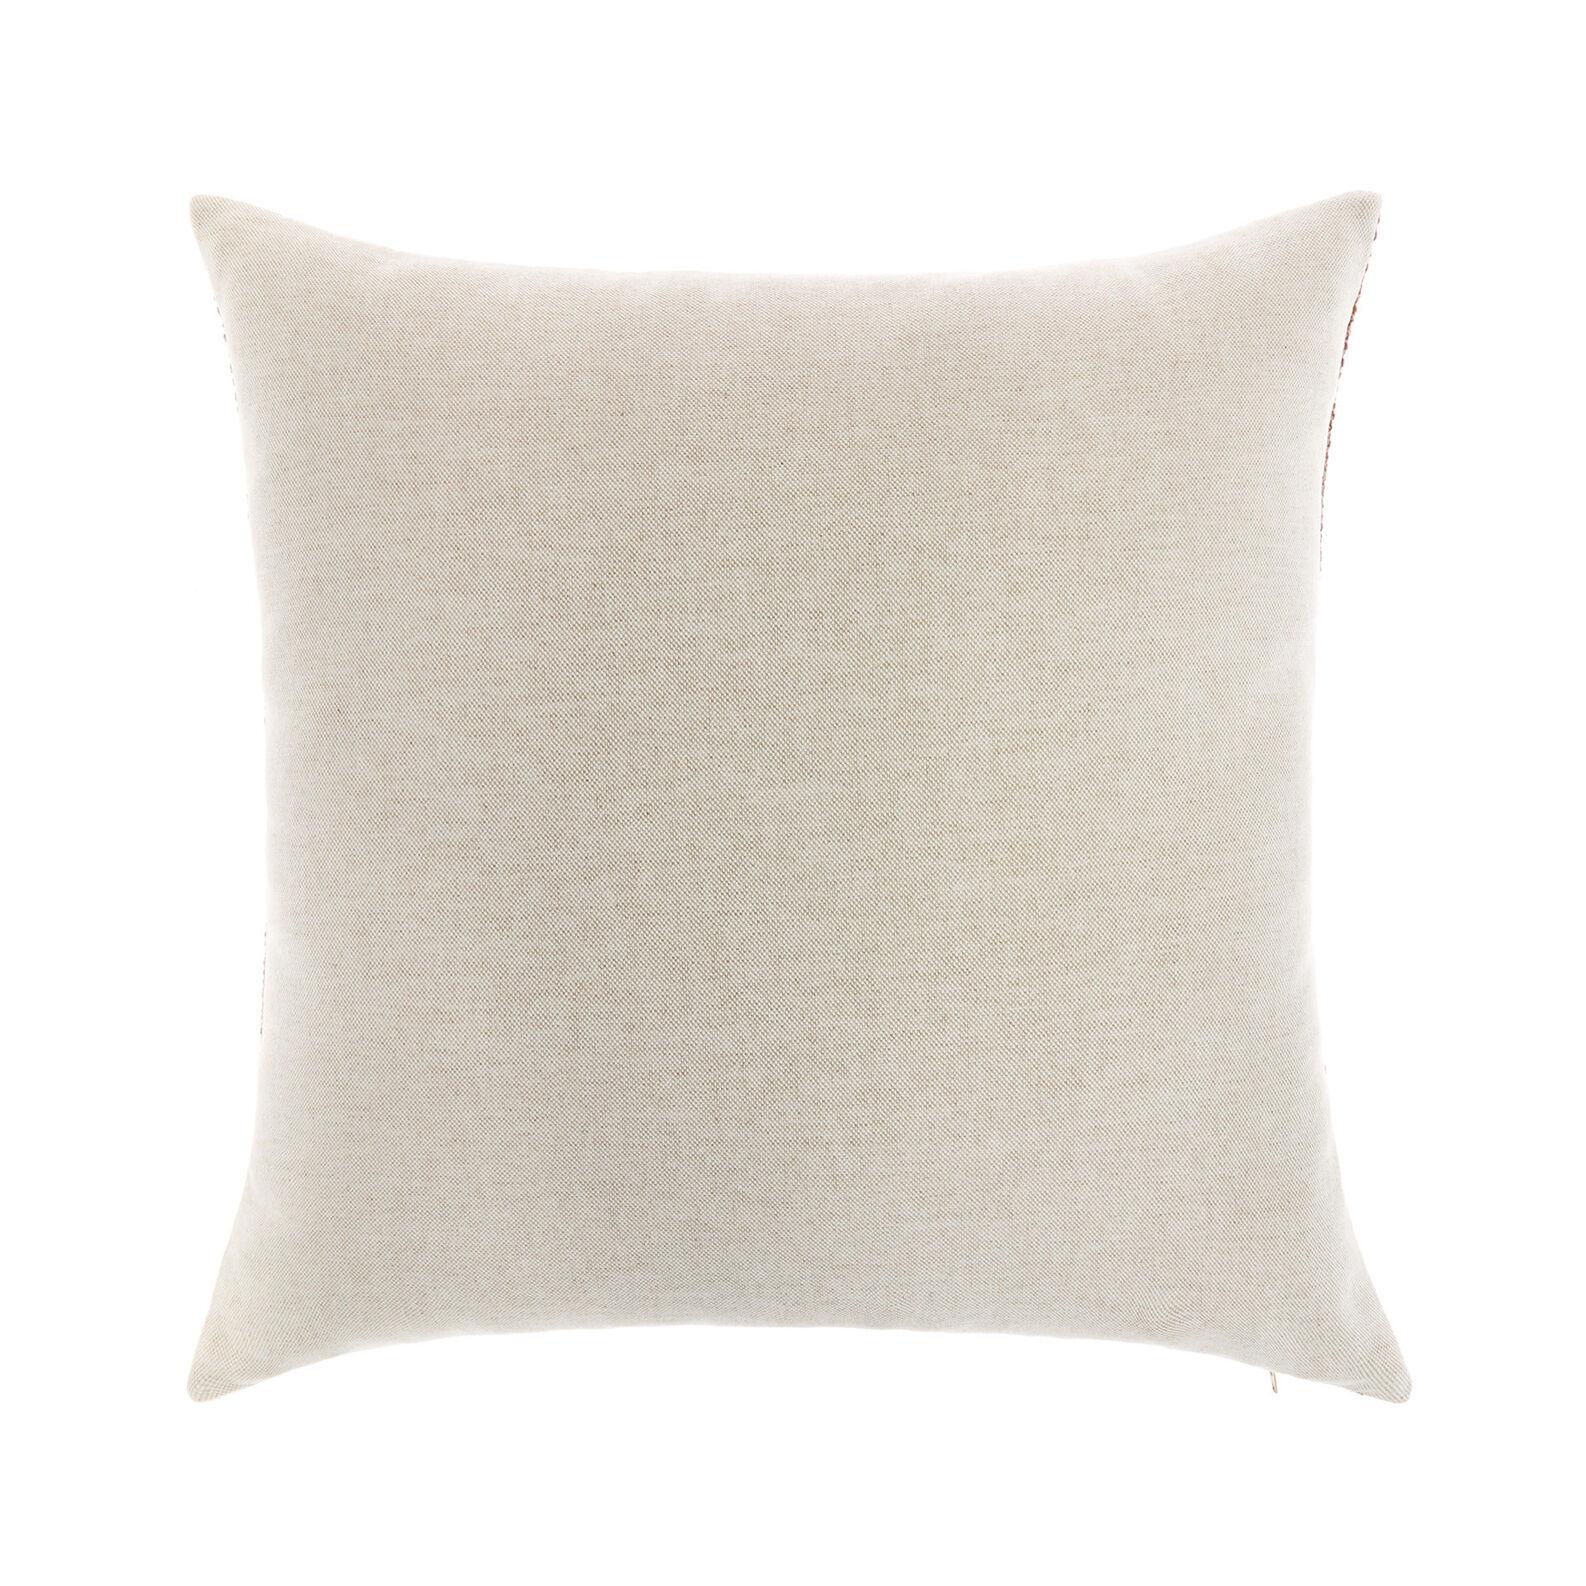 Multi-coloured bouclé weave cushion 45x45cm